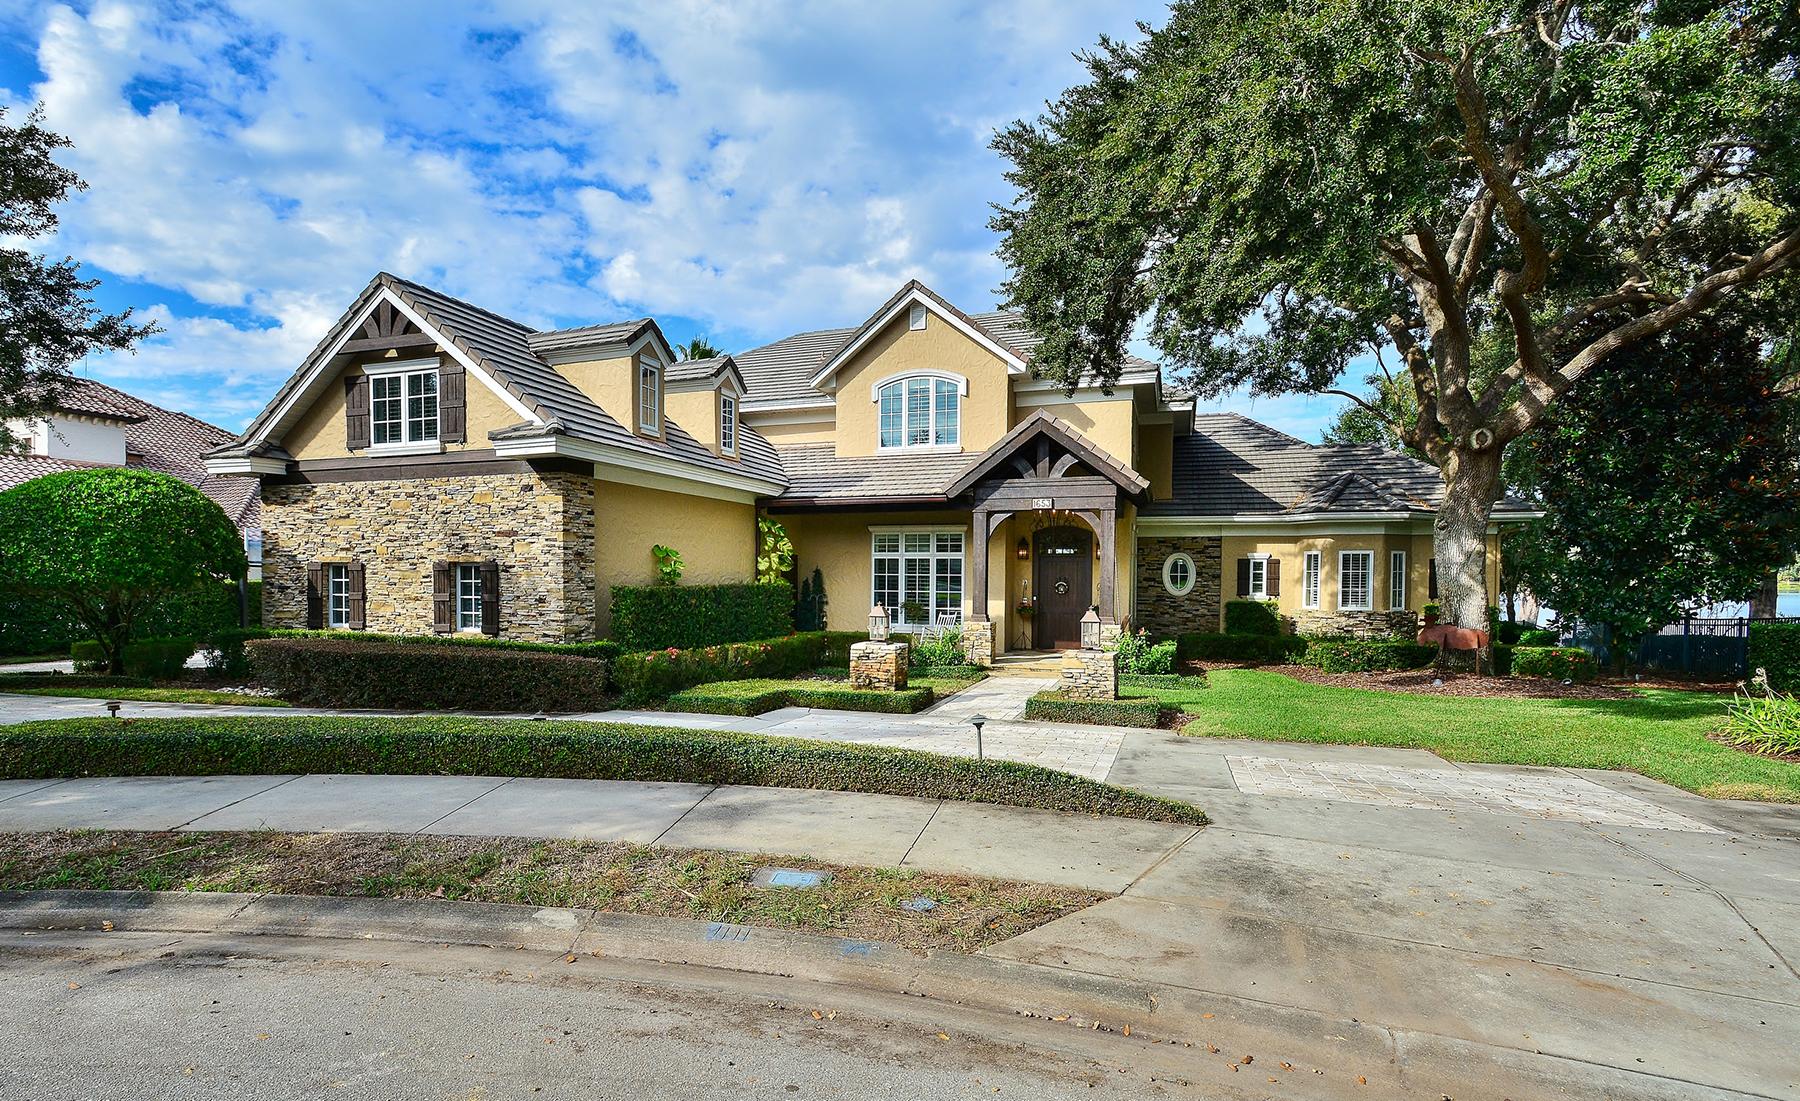 独户住宅 为 销售 在 1653 Chase Landing Way , Winter Park, FL 32789 1653 Chase Landing Way 温特帕克, 佛罗里达州, 32789 美国